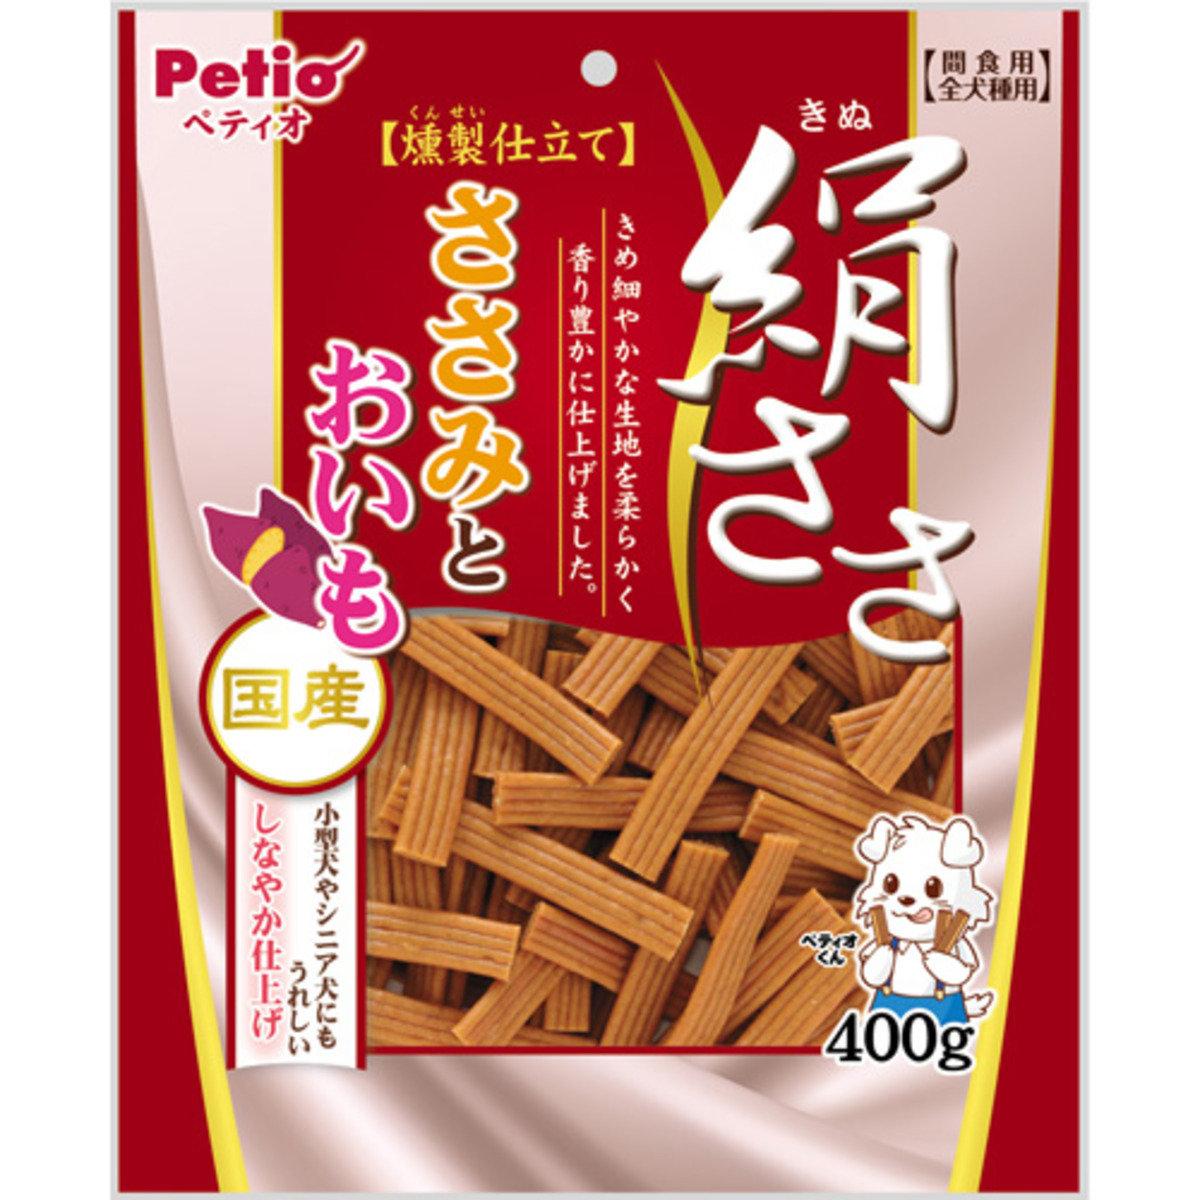 狗小食雞胸肉及甘薯直紋條(W11728)